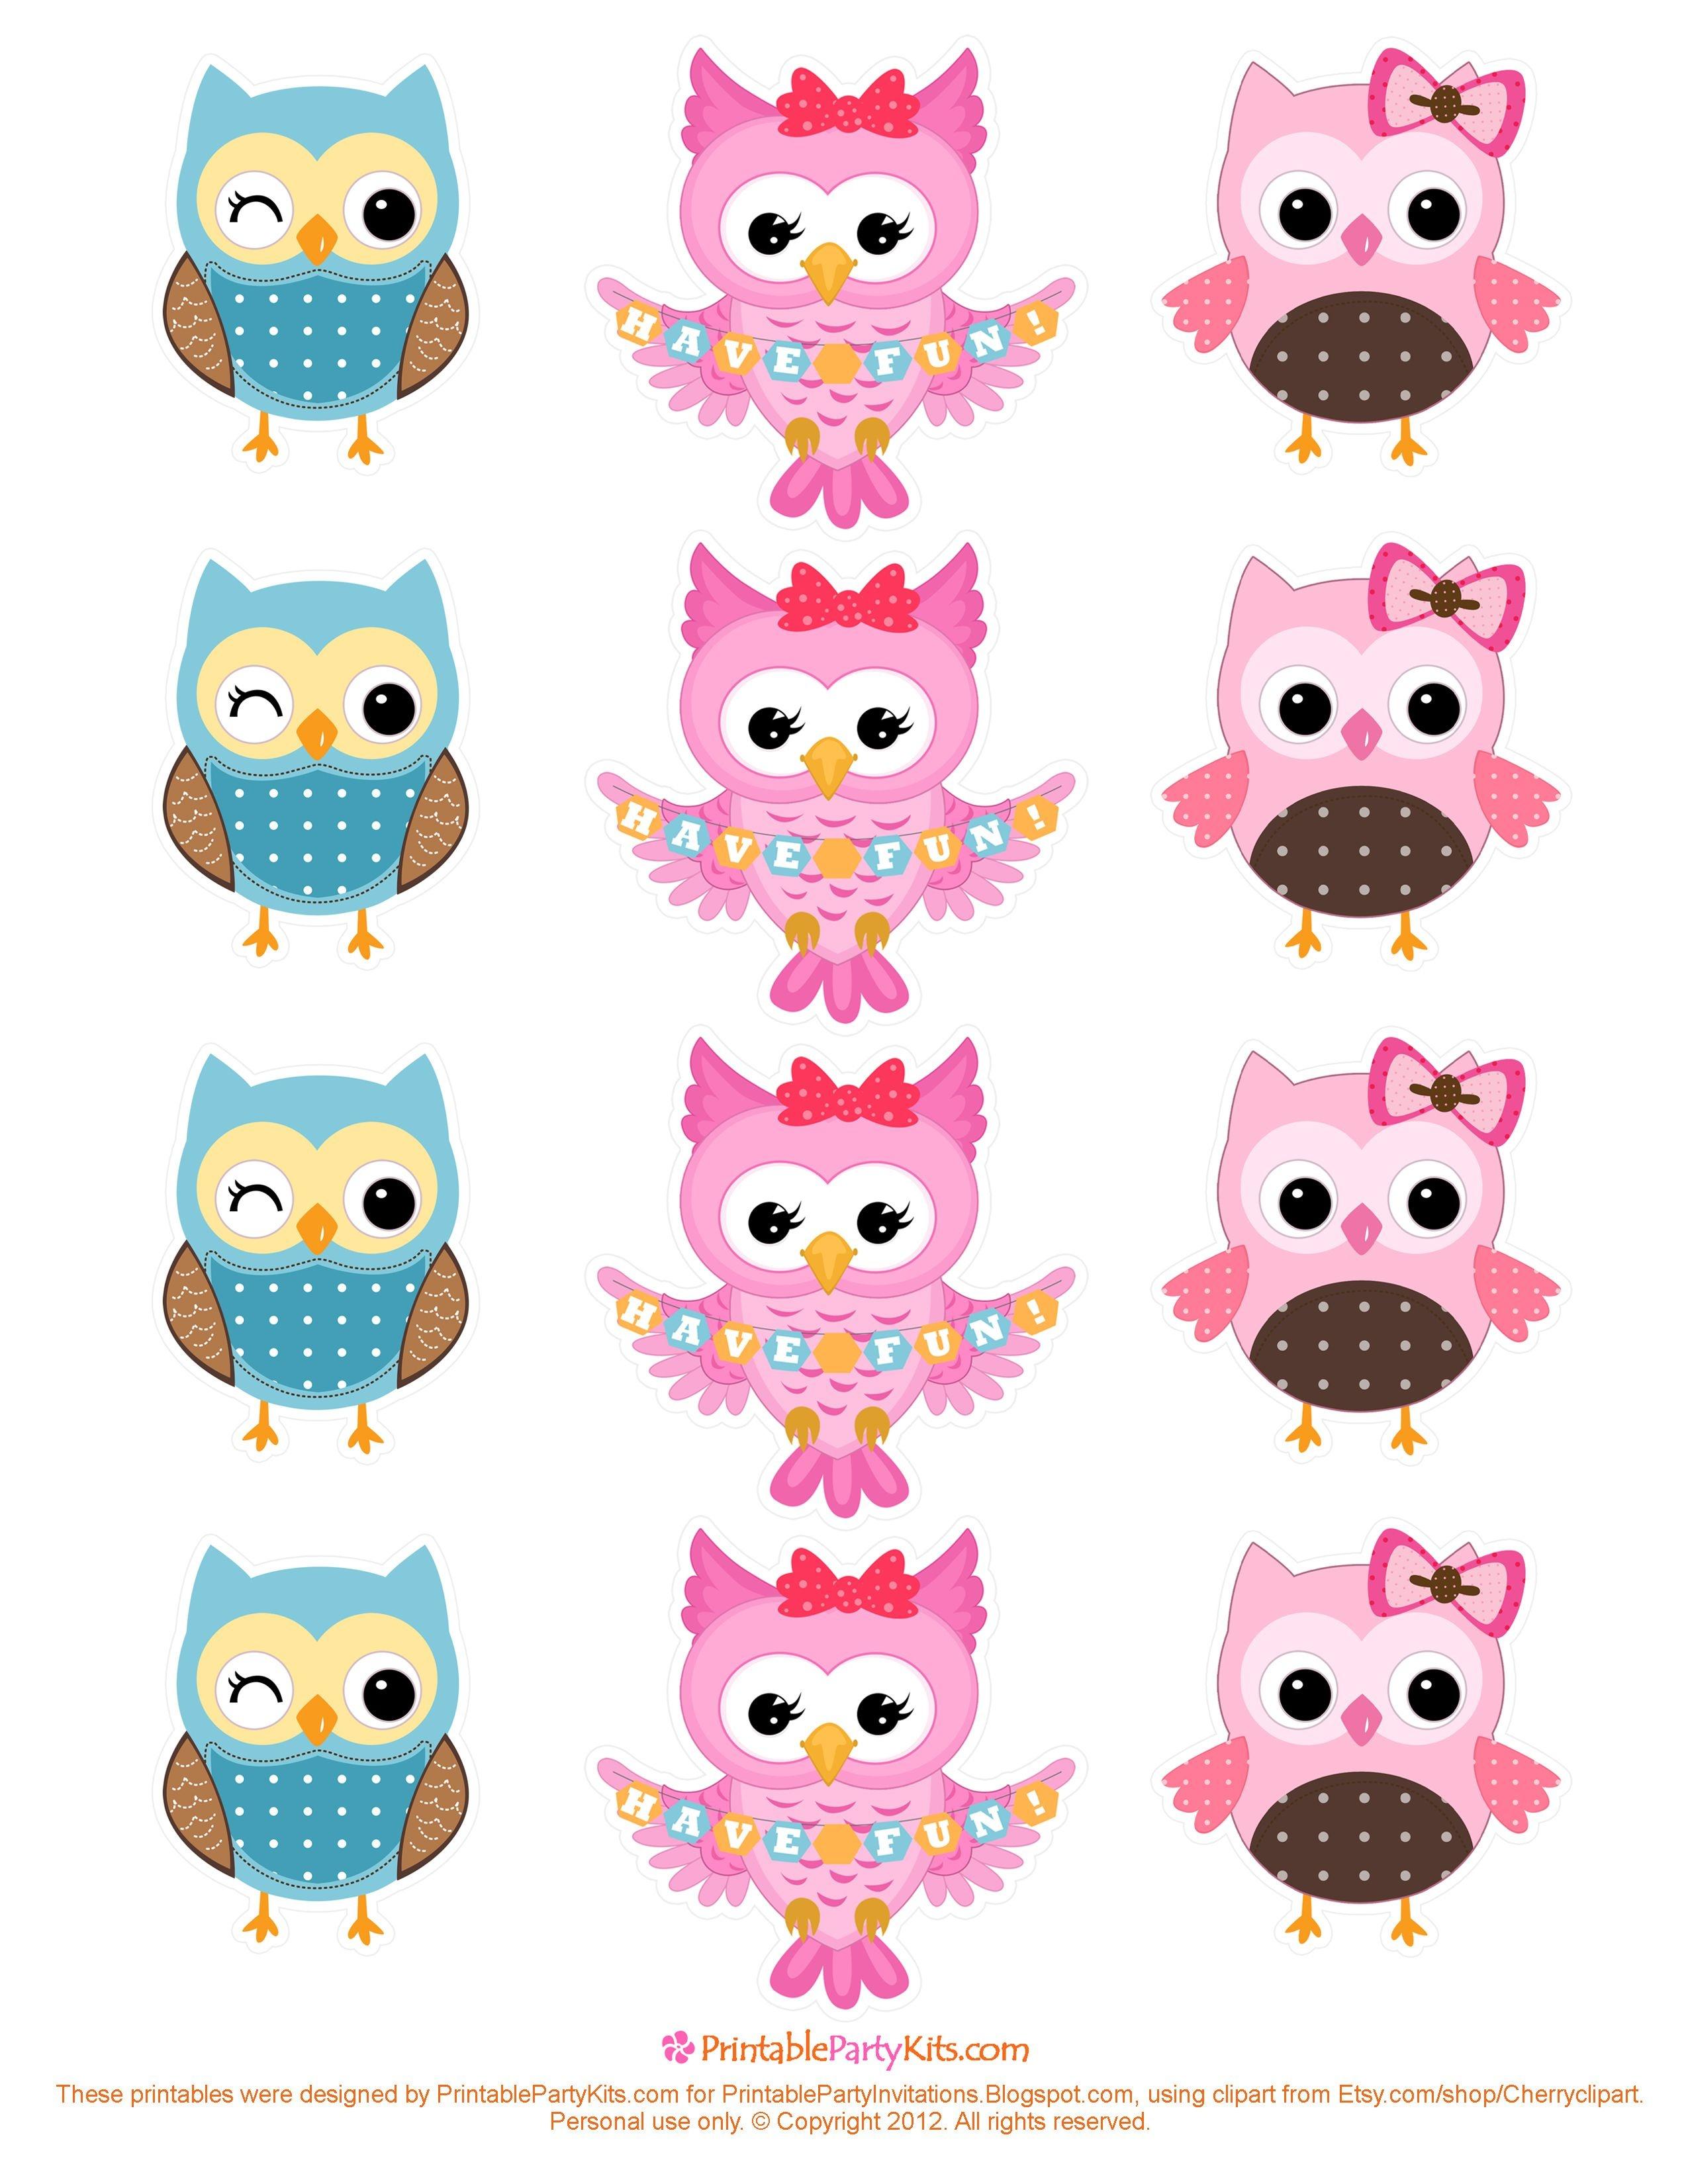 Free Owl Printables | Free Printable Party Invitations: Free Owl - Free Owl Printables